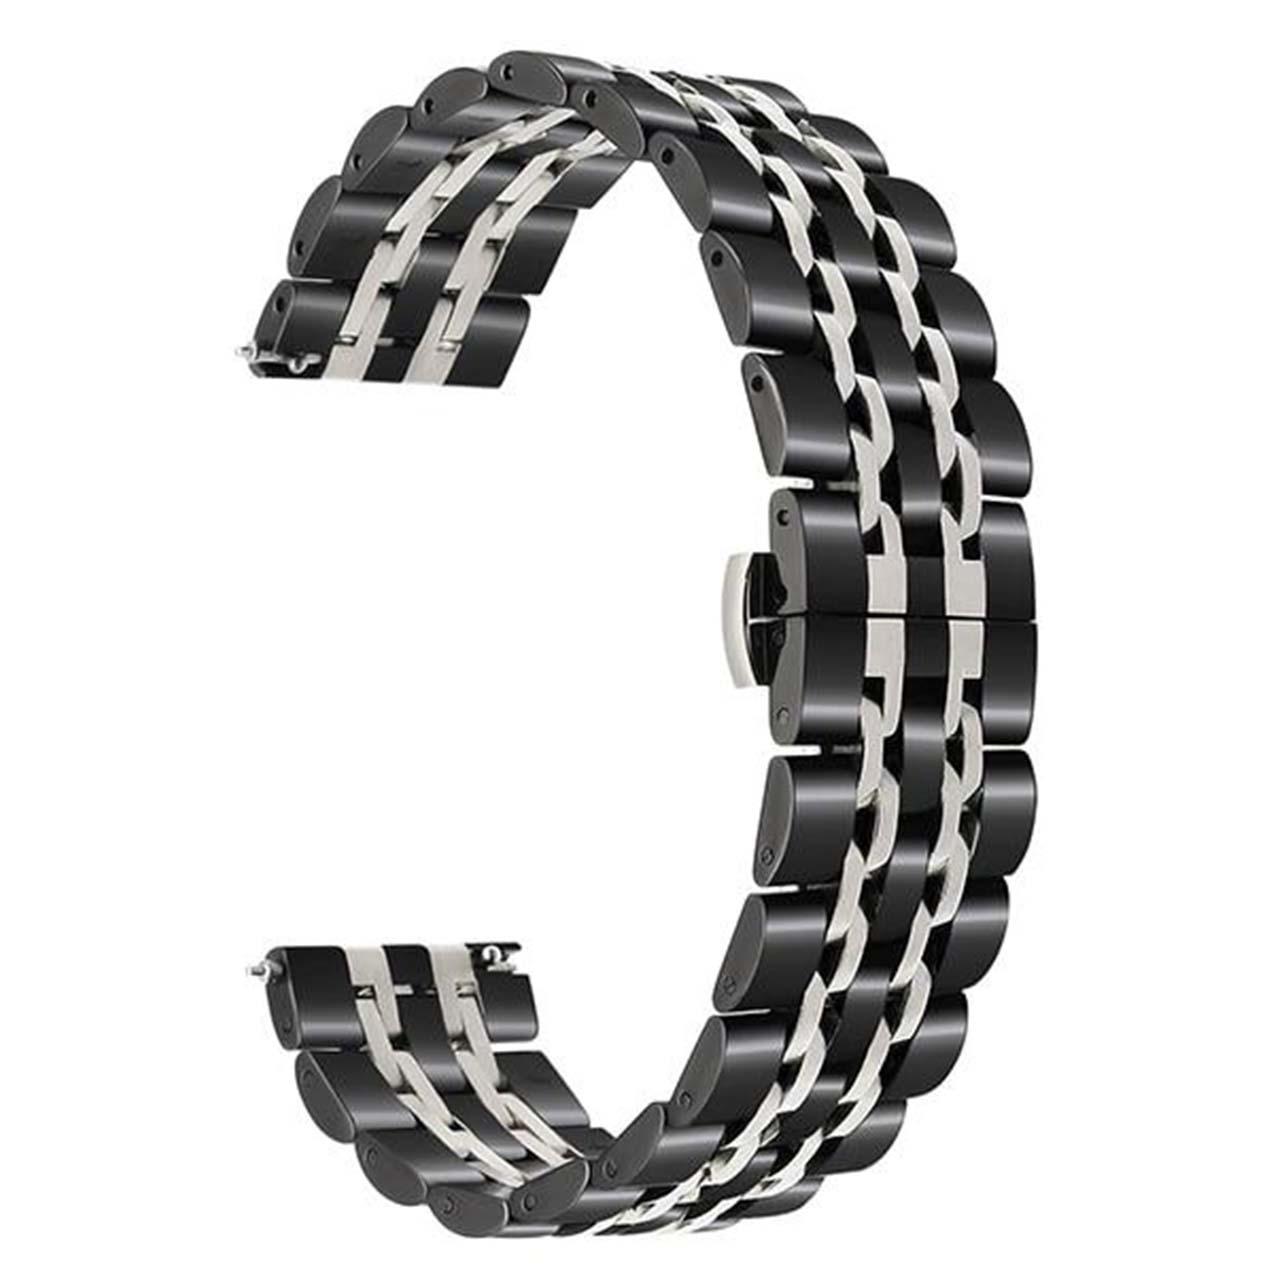 بند مدل Seven Bead-0022 مناسب برای ساعت هوشمند سامسونگ Gear S3 Frontier